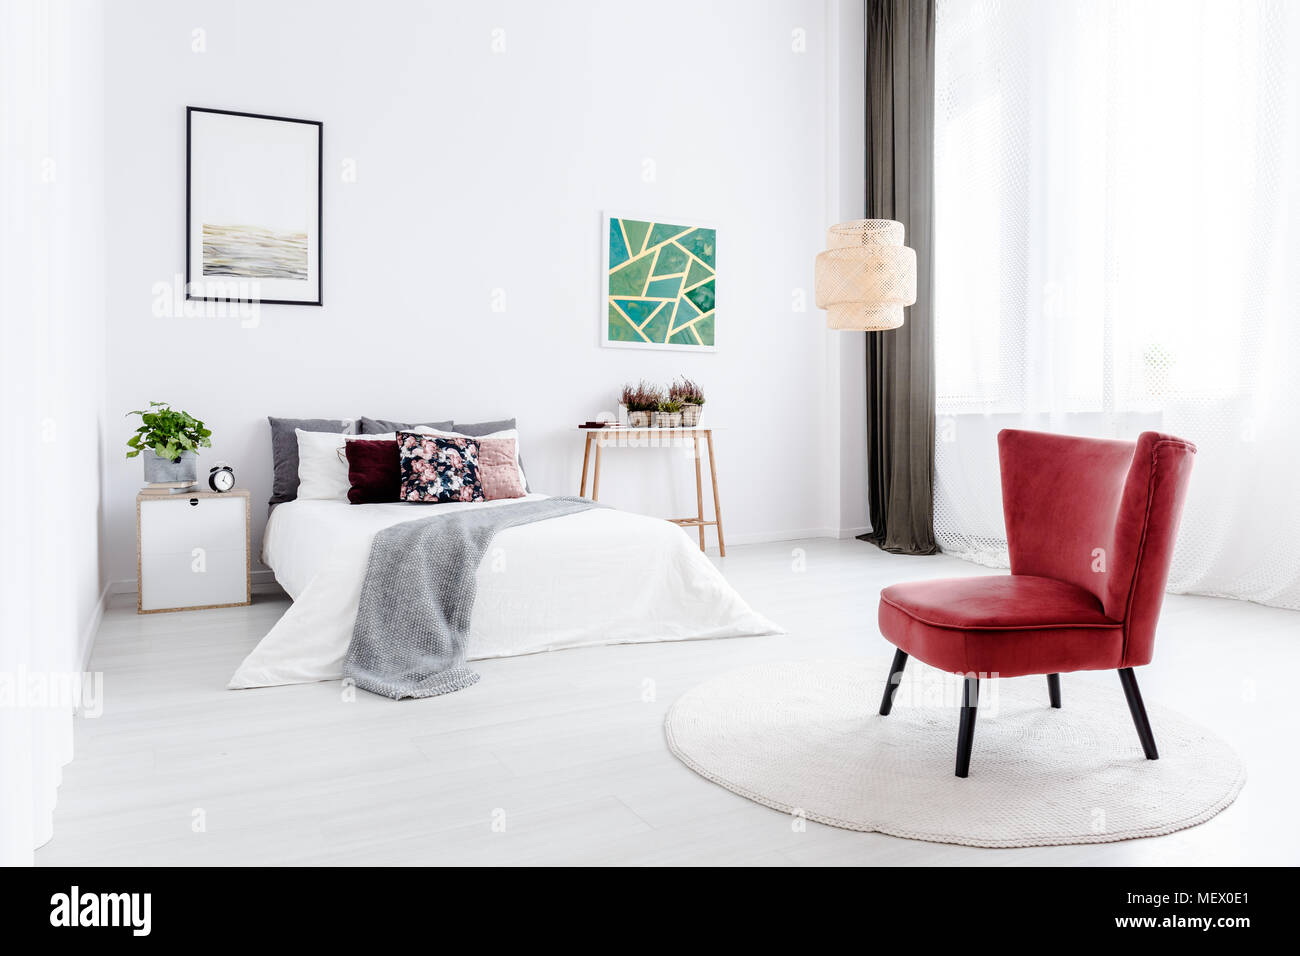 Fauteuil rouge sur tapis rond en chambre blanche intérieur ...